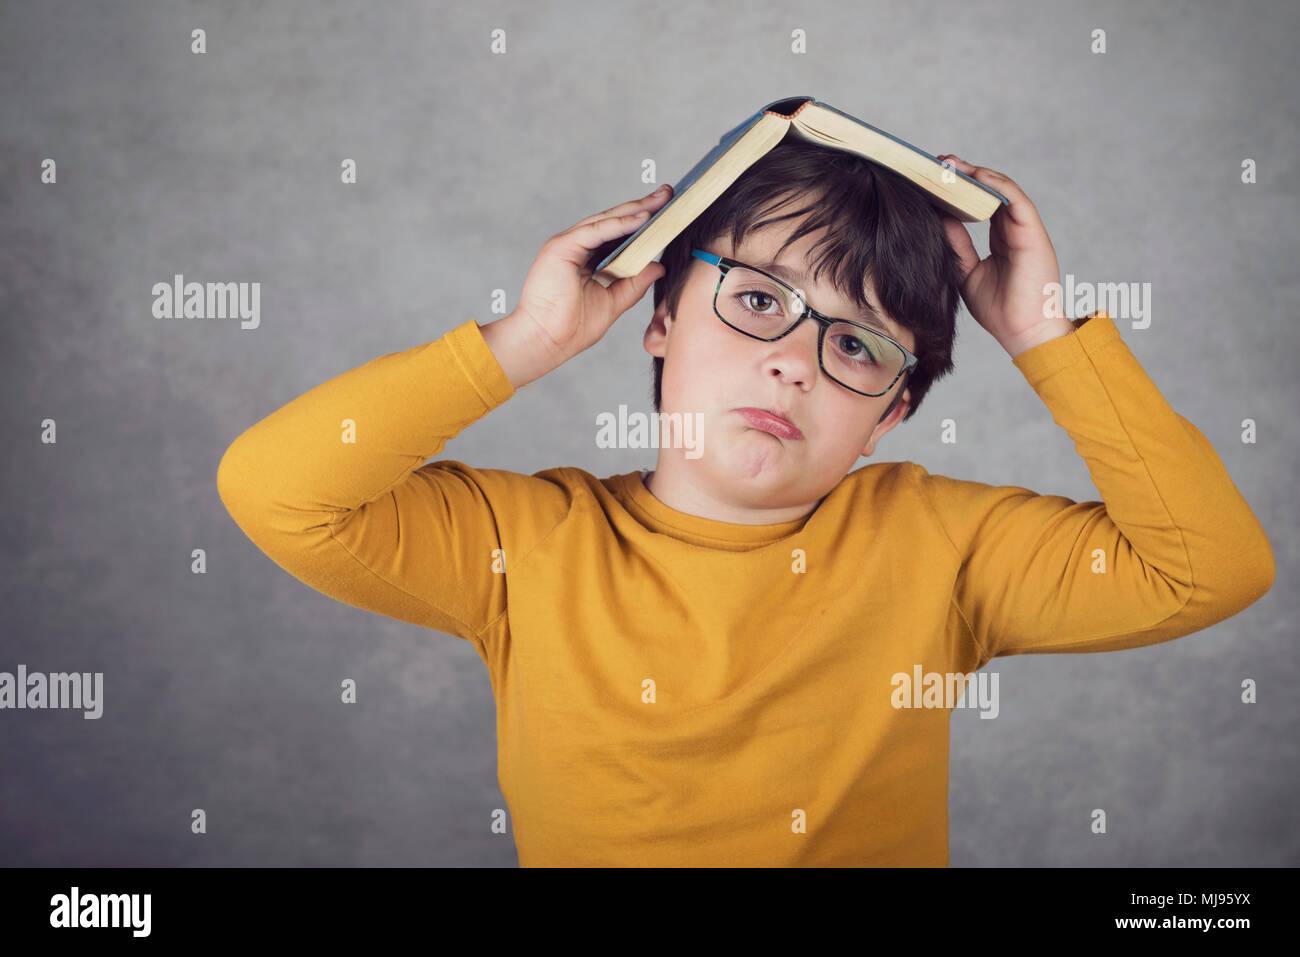 Triste y pensativo chico con un libro sobre su cabeza sobre fondo gris Imagen De Stock